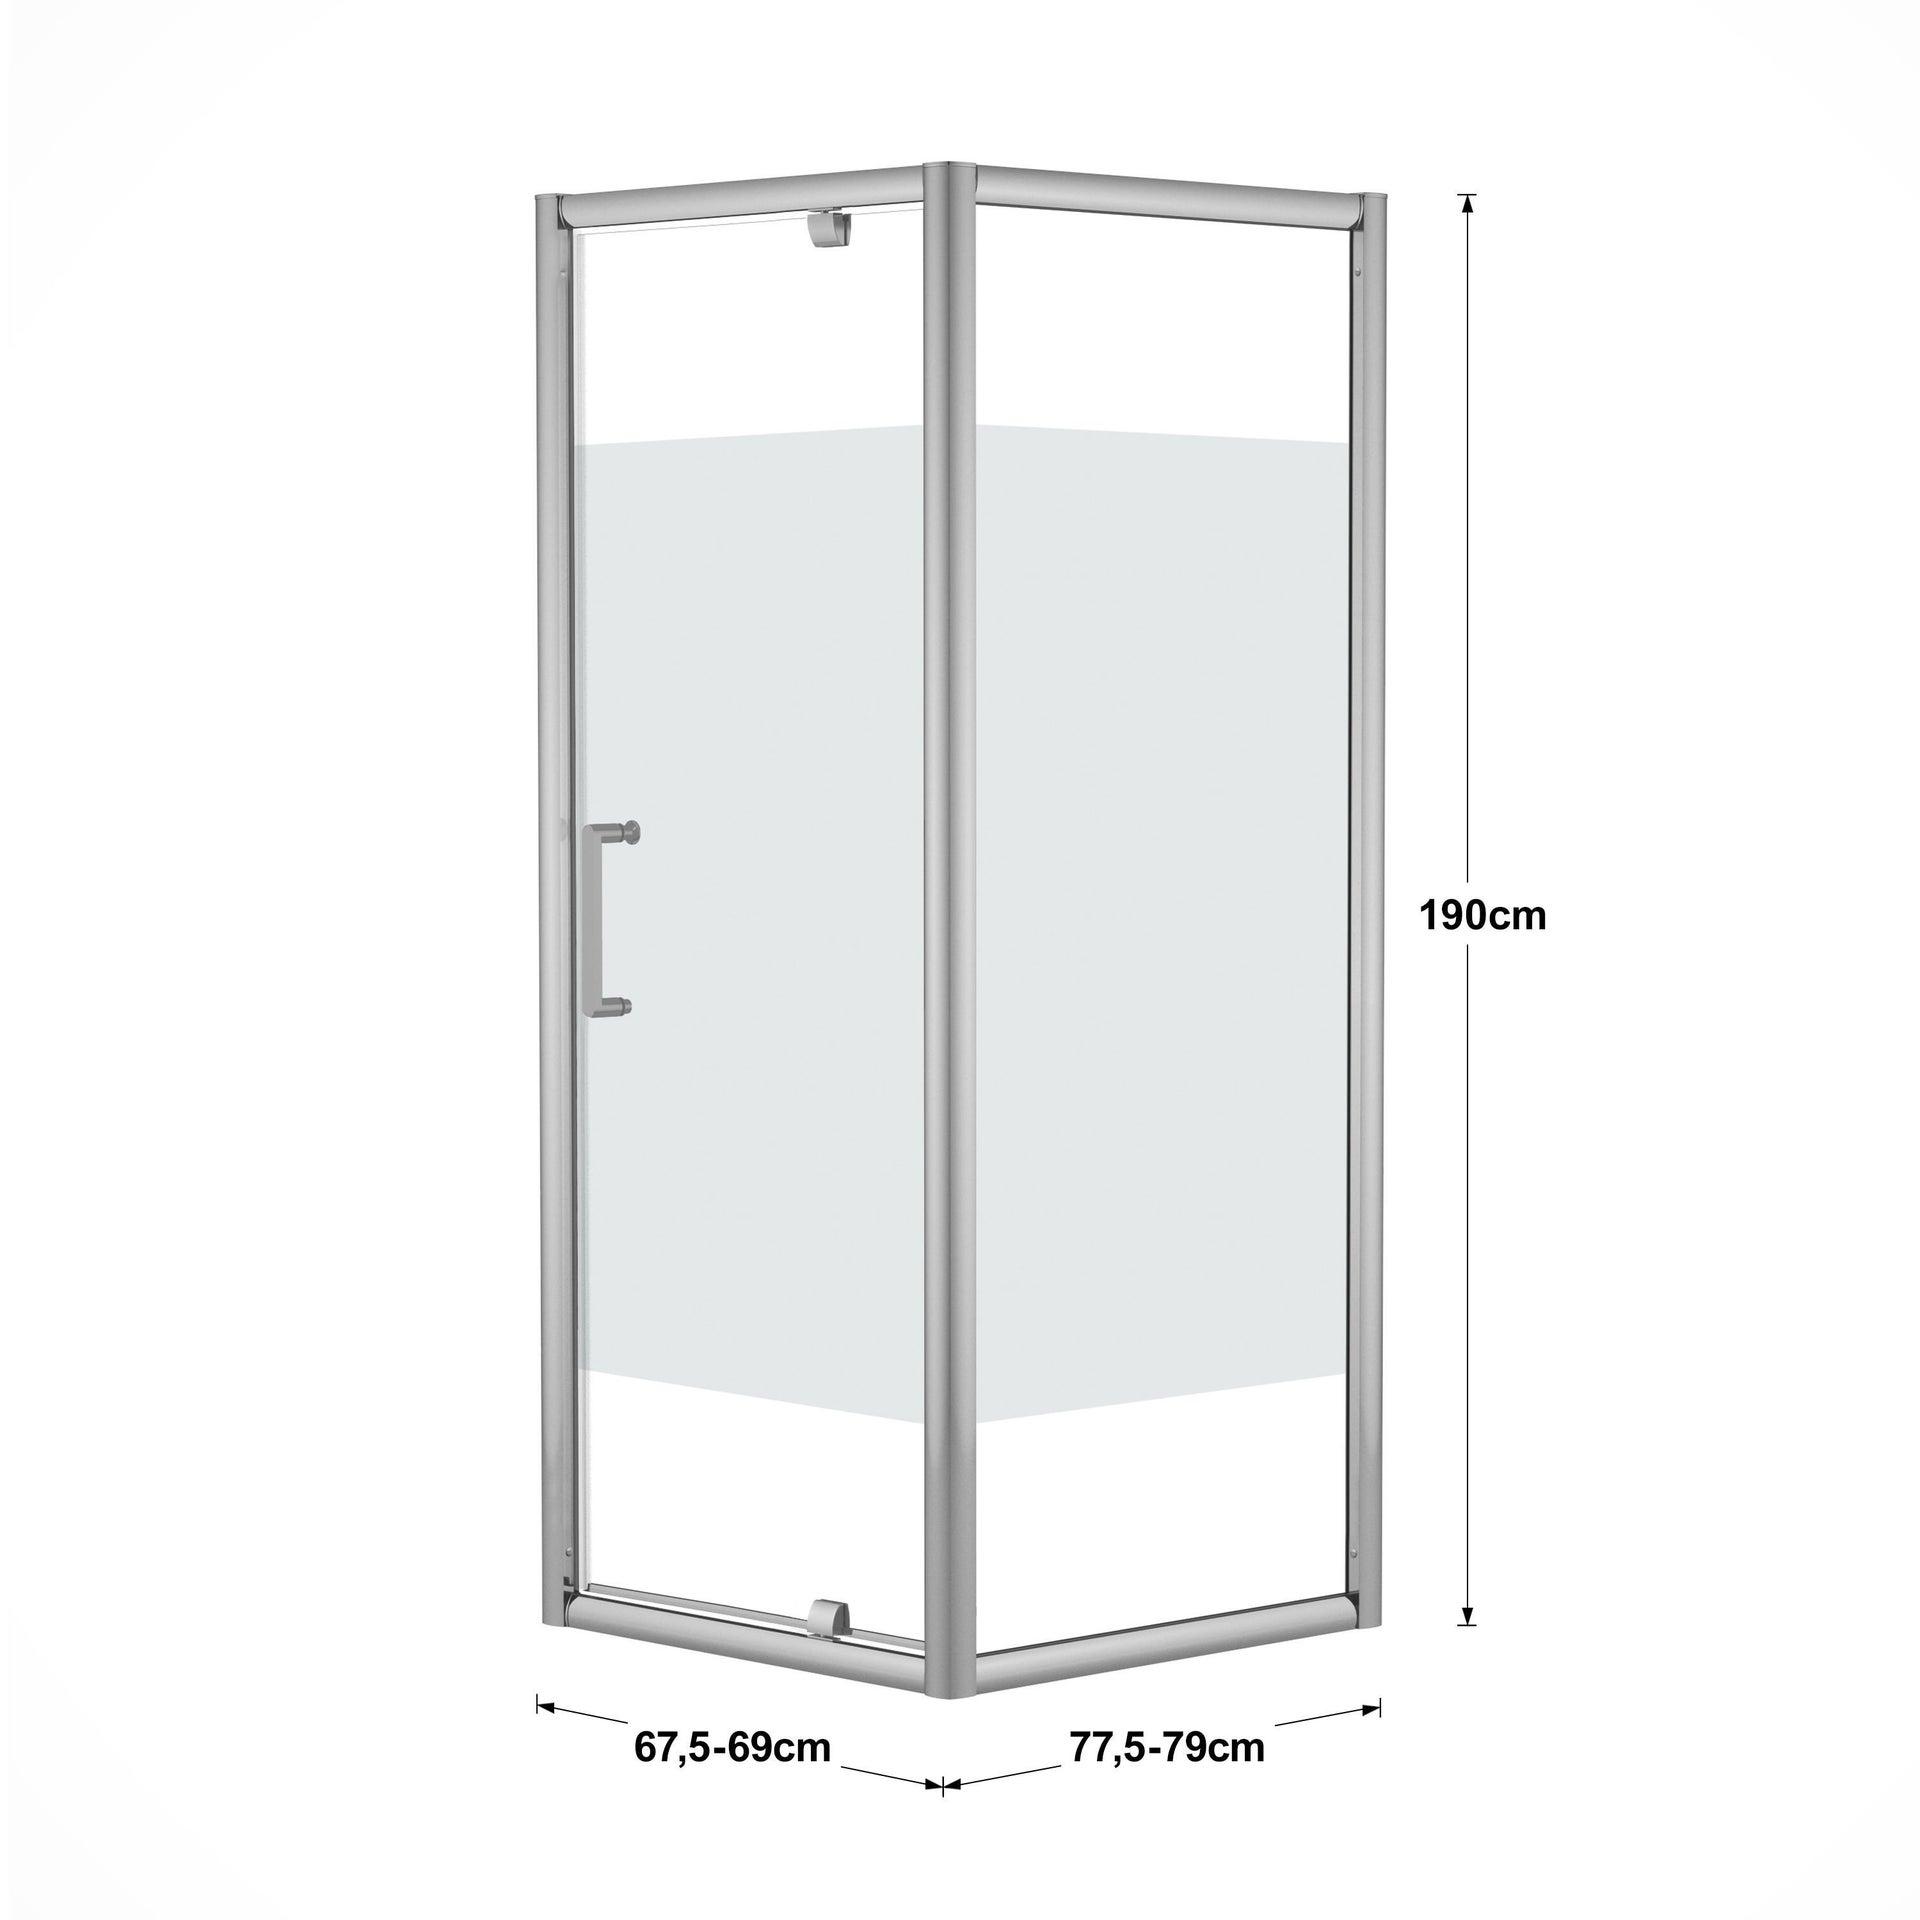 Box doccia quadrato battente Quad 70 x 80 cm, H 190 cm in vetro temprato, spessore 6 mm serigrafato argento - 3